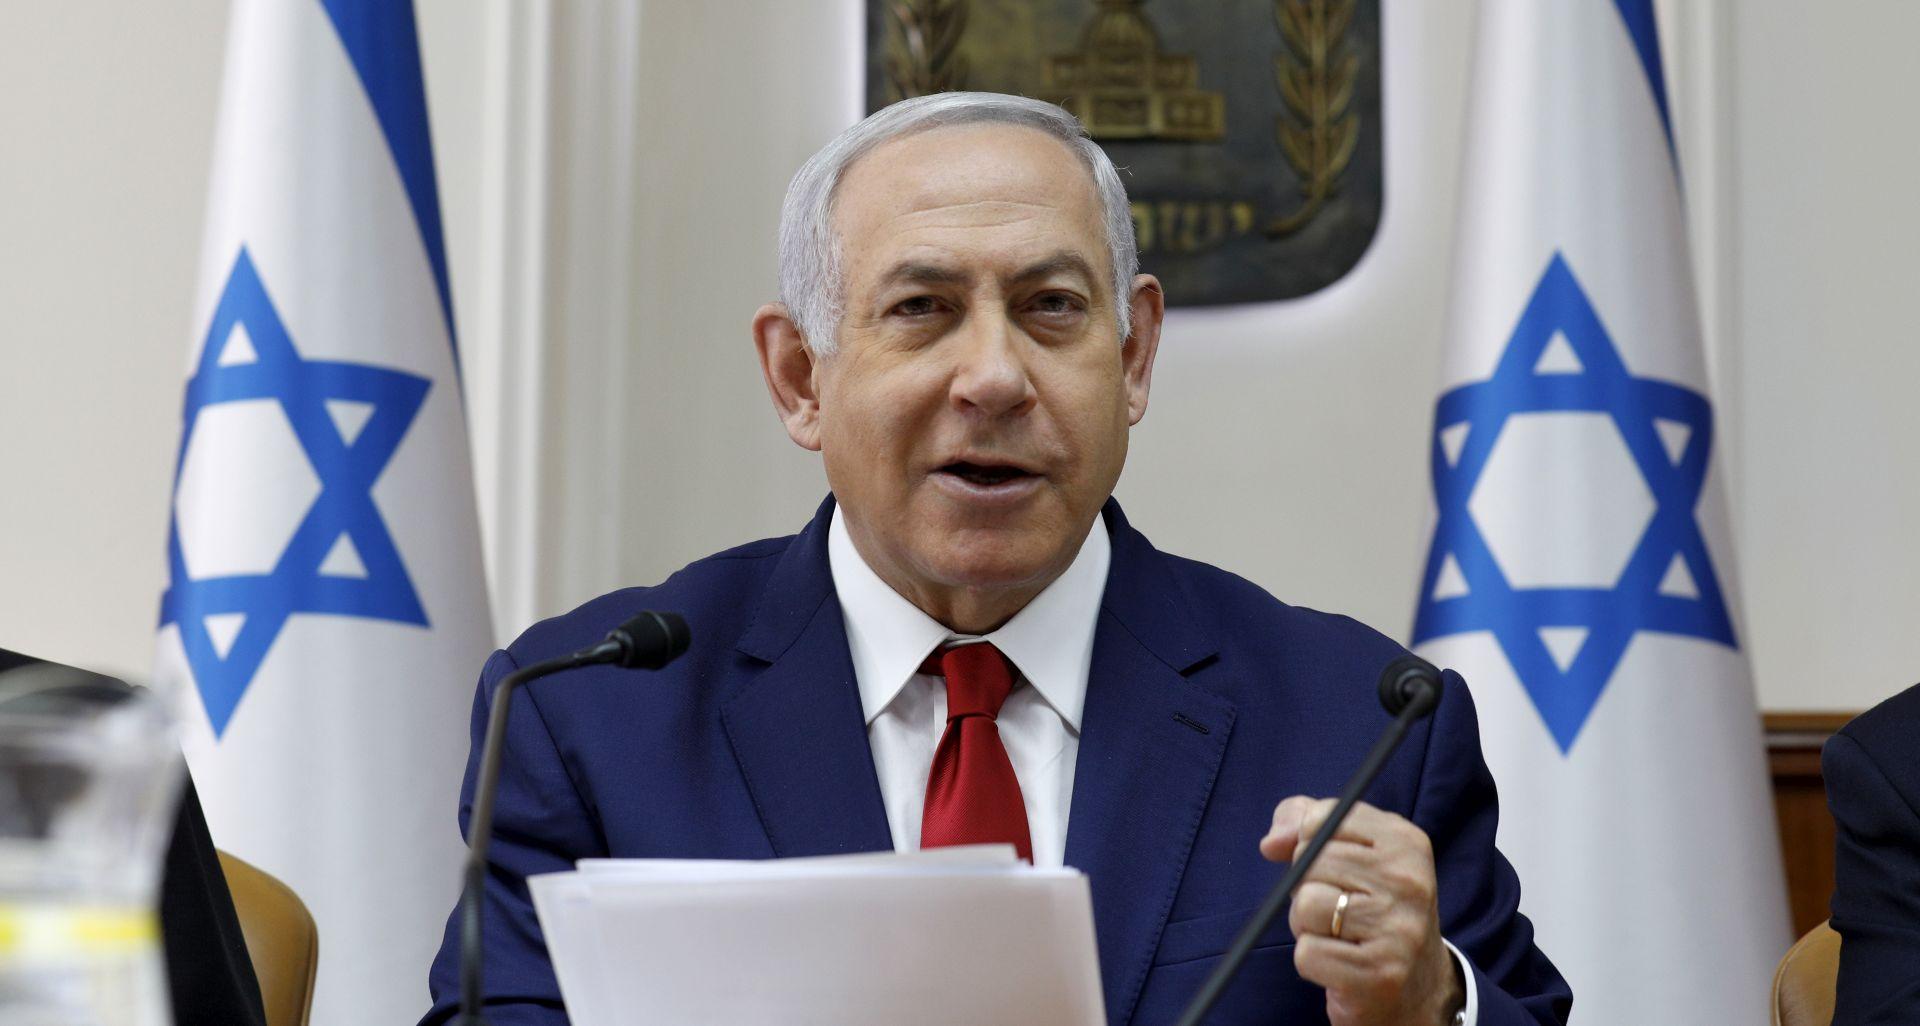 Bivši izraelski ministar priznao da je špijunirao za Iran